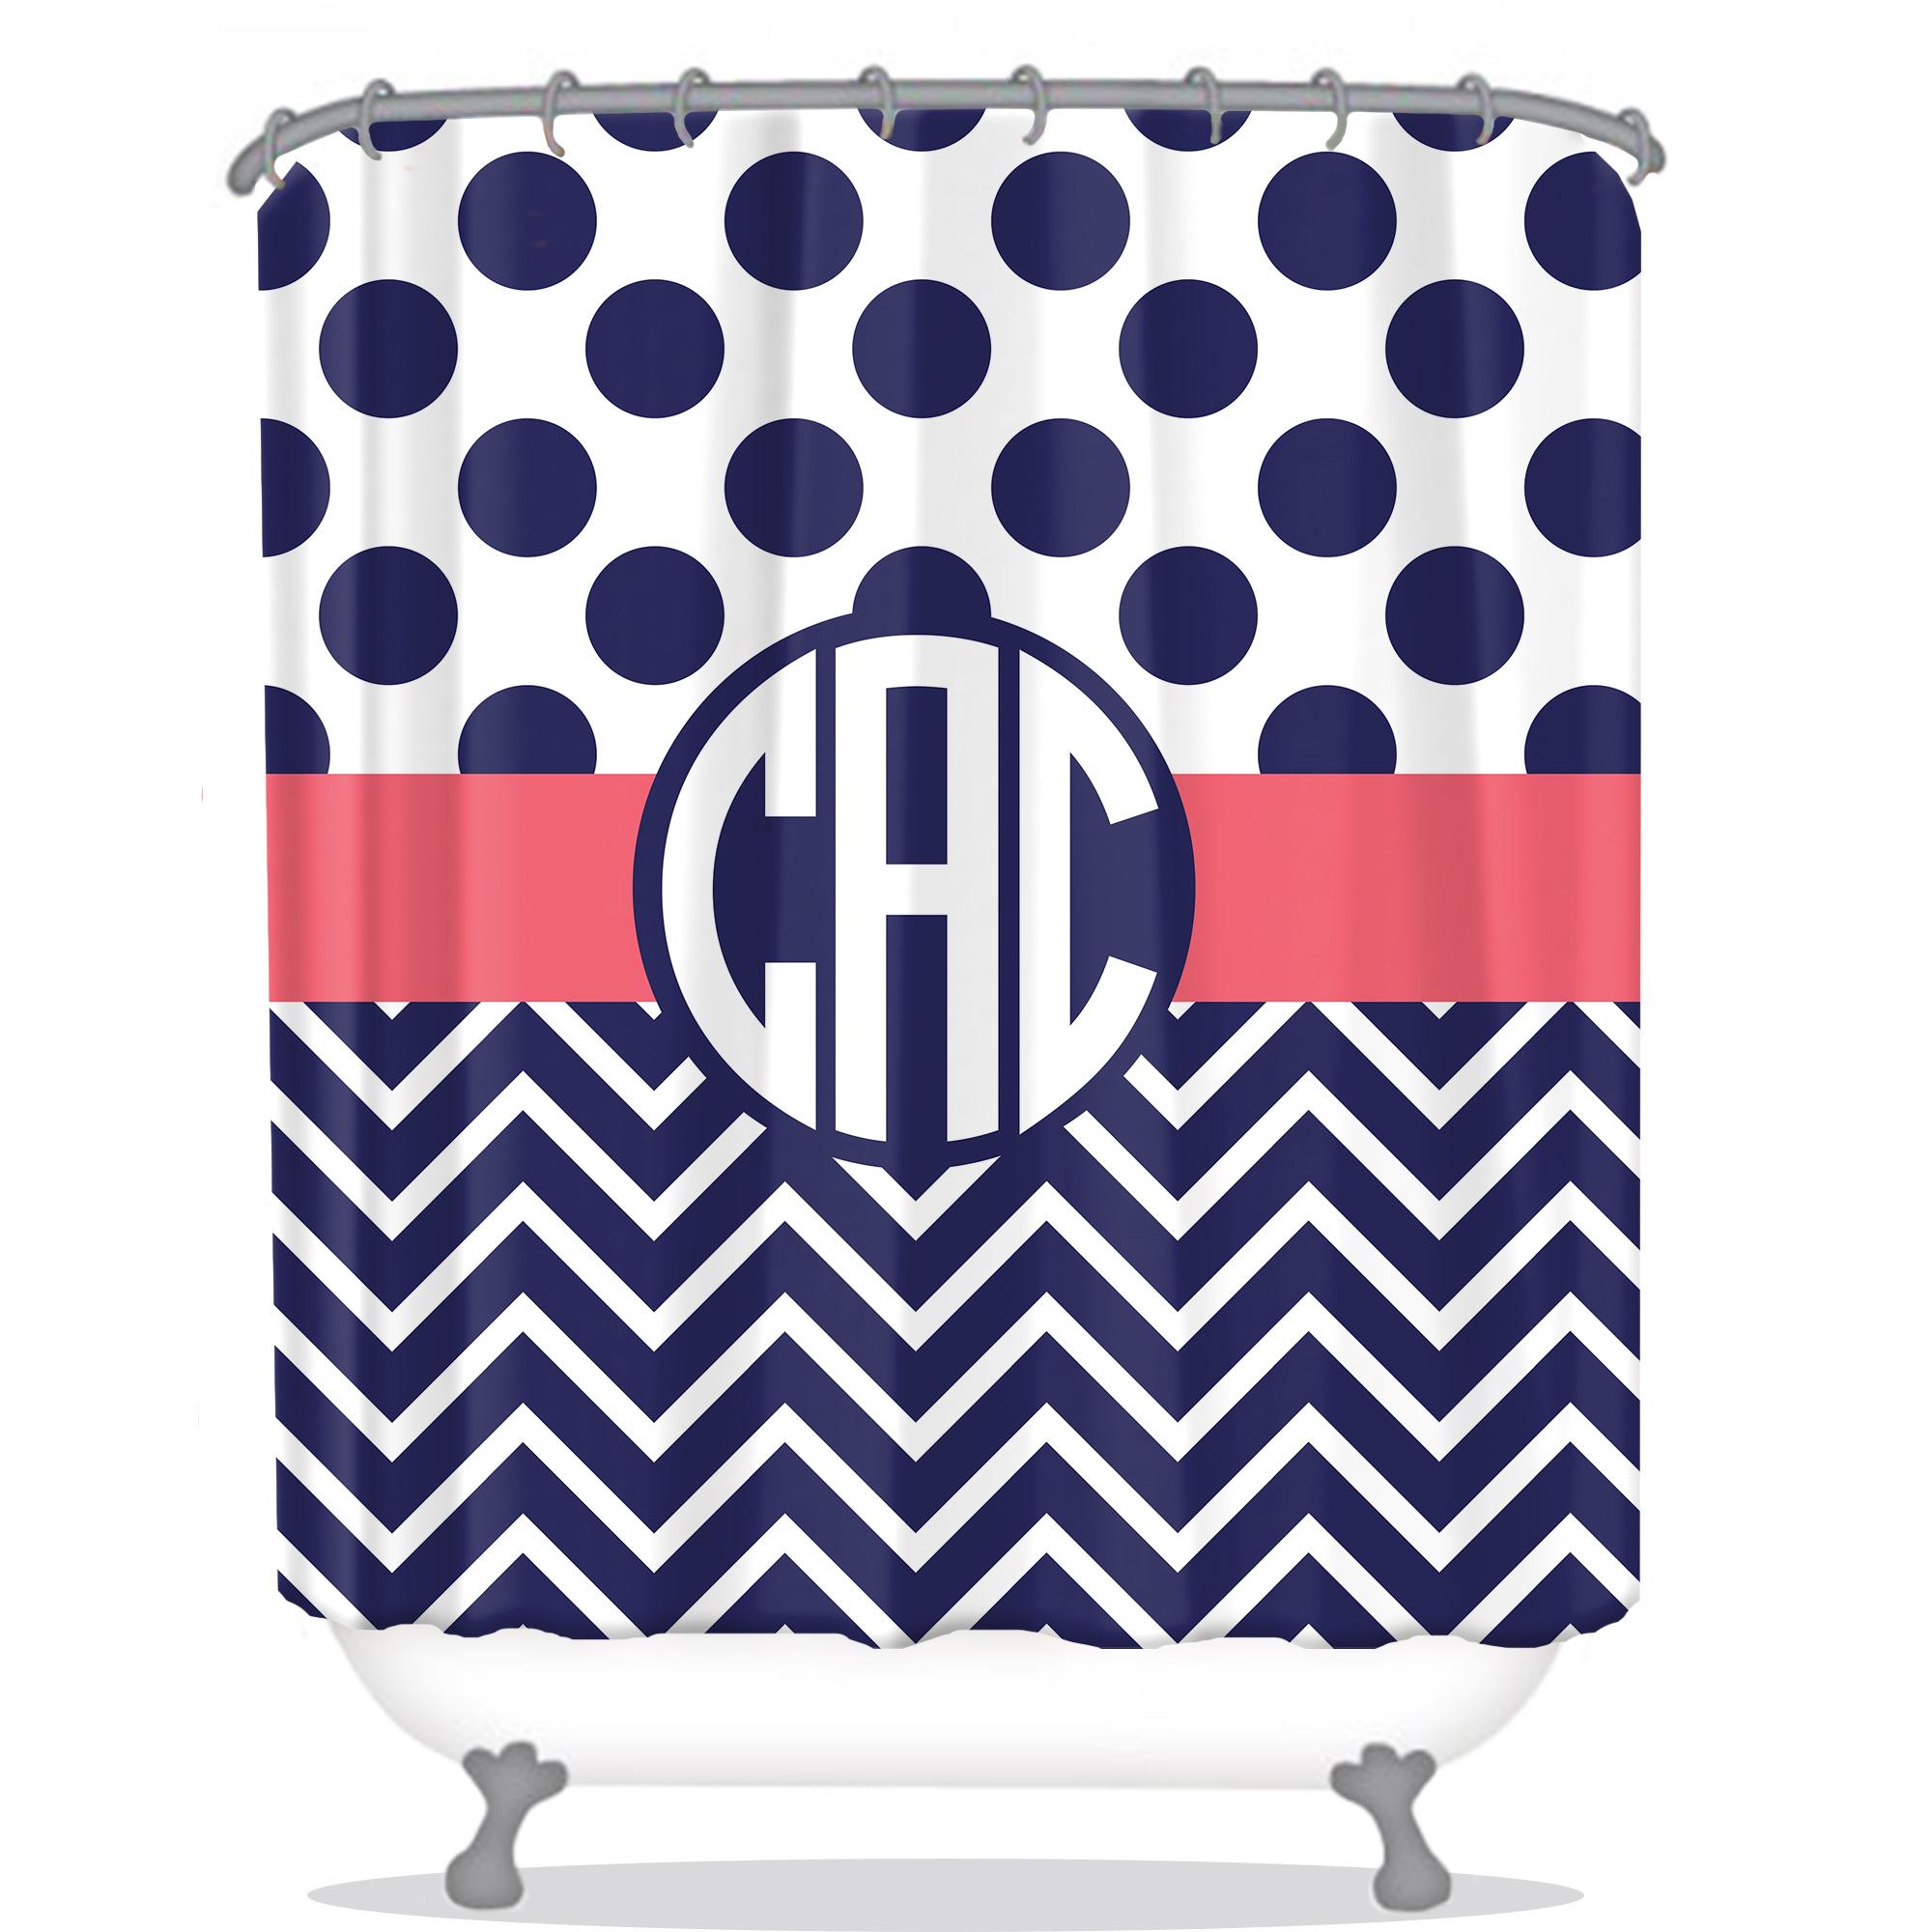 polkadot chevron pattern personalized shower curtain all seasons gifts